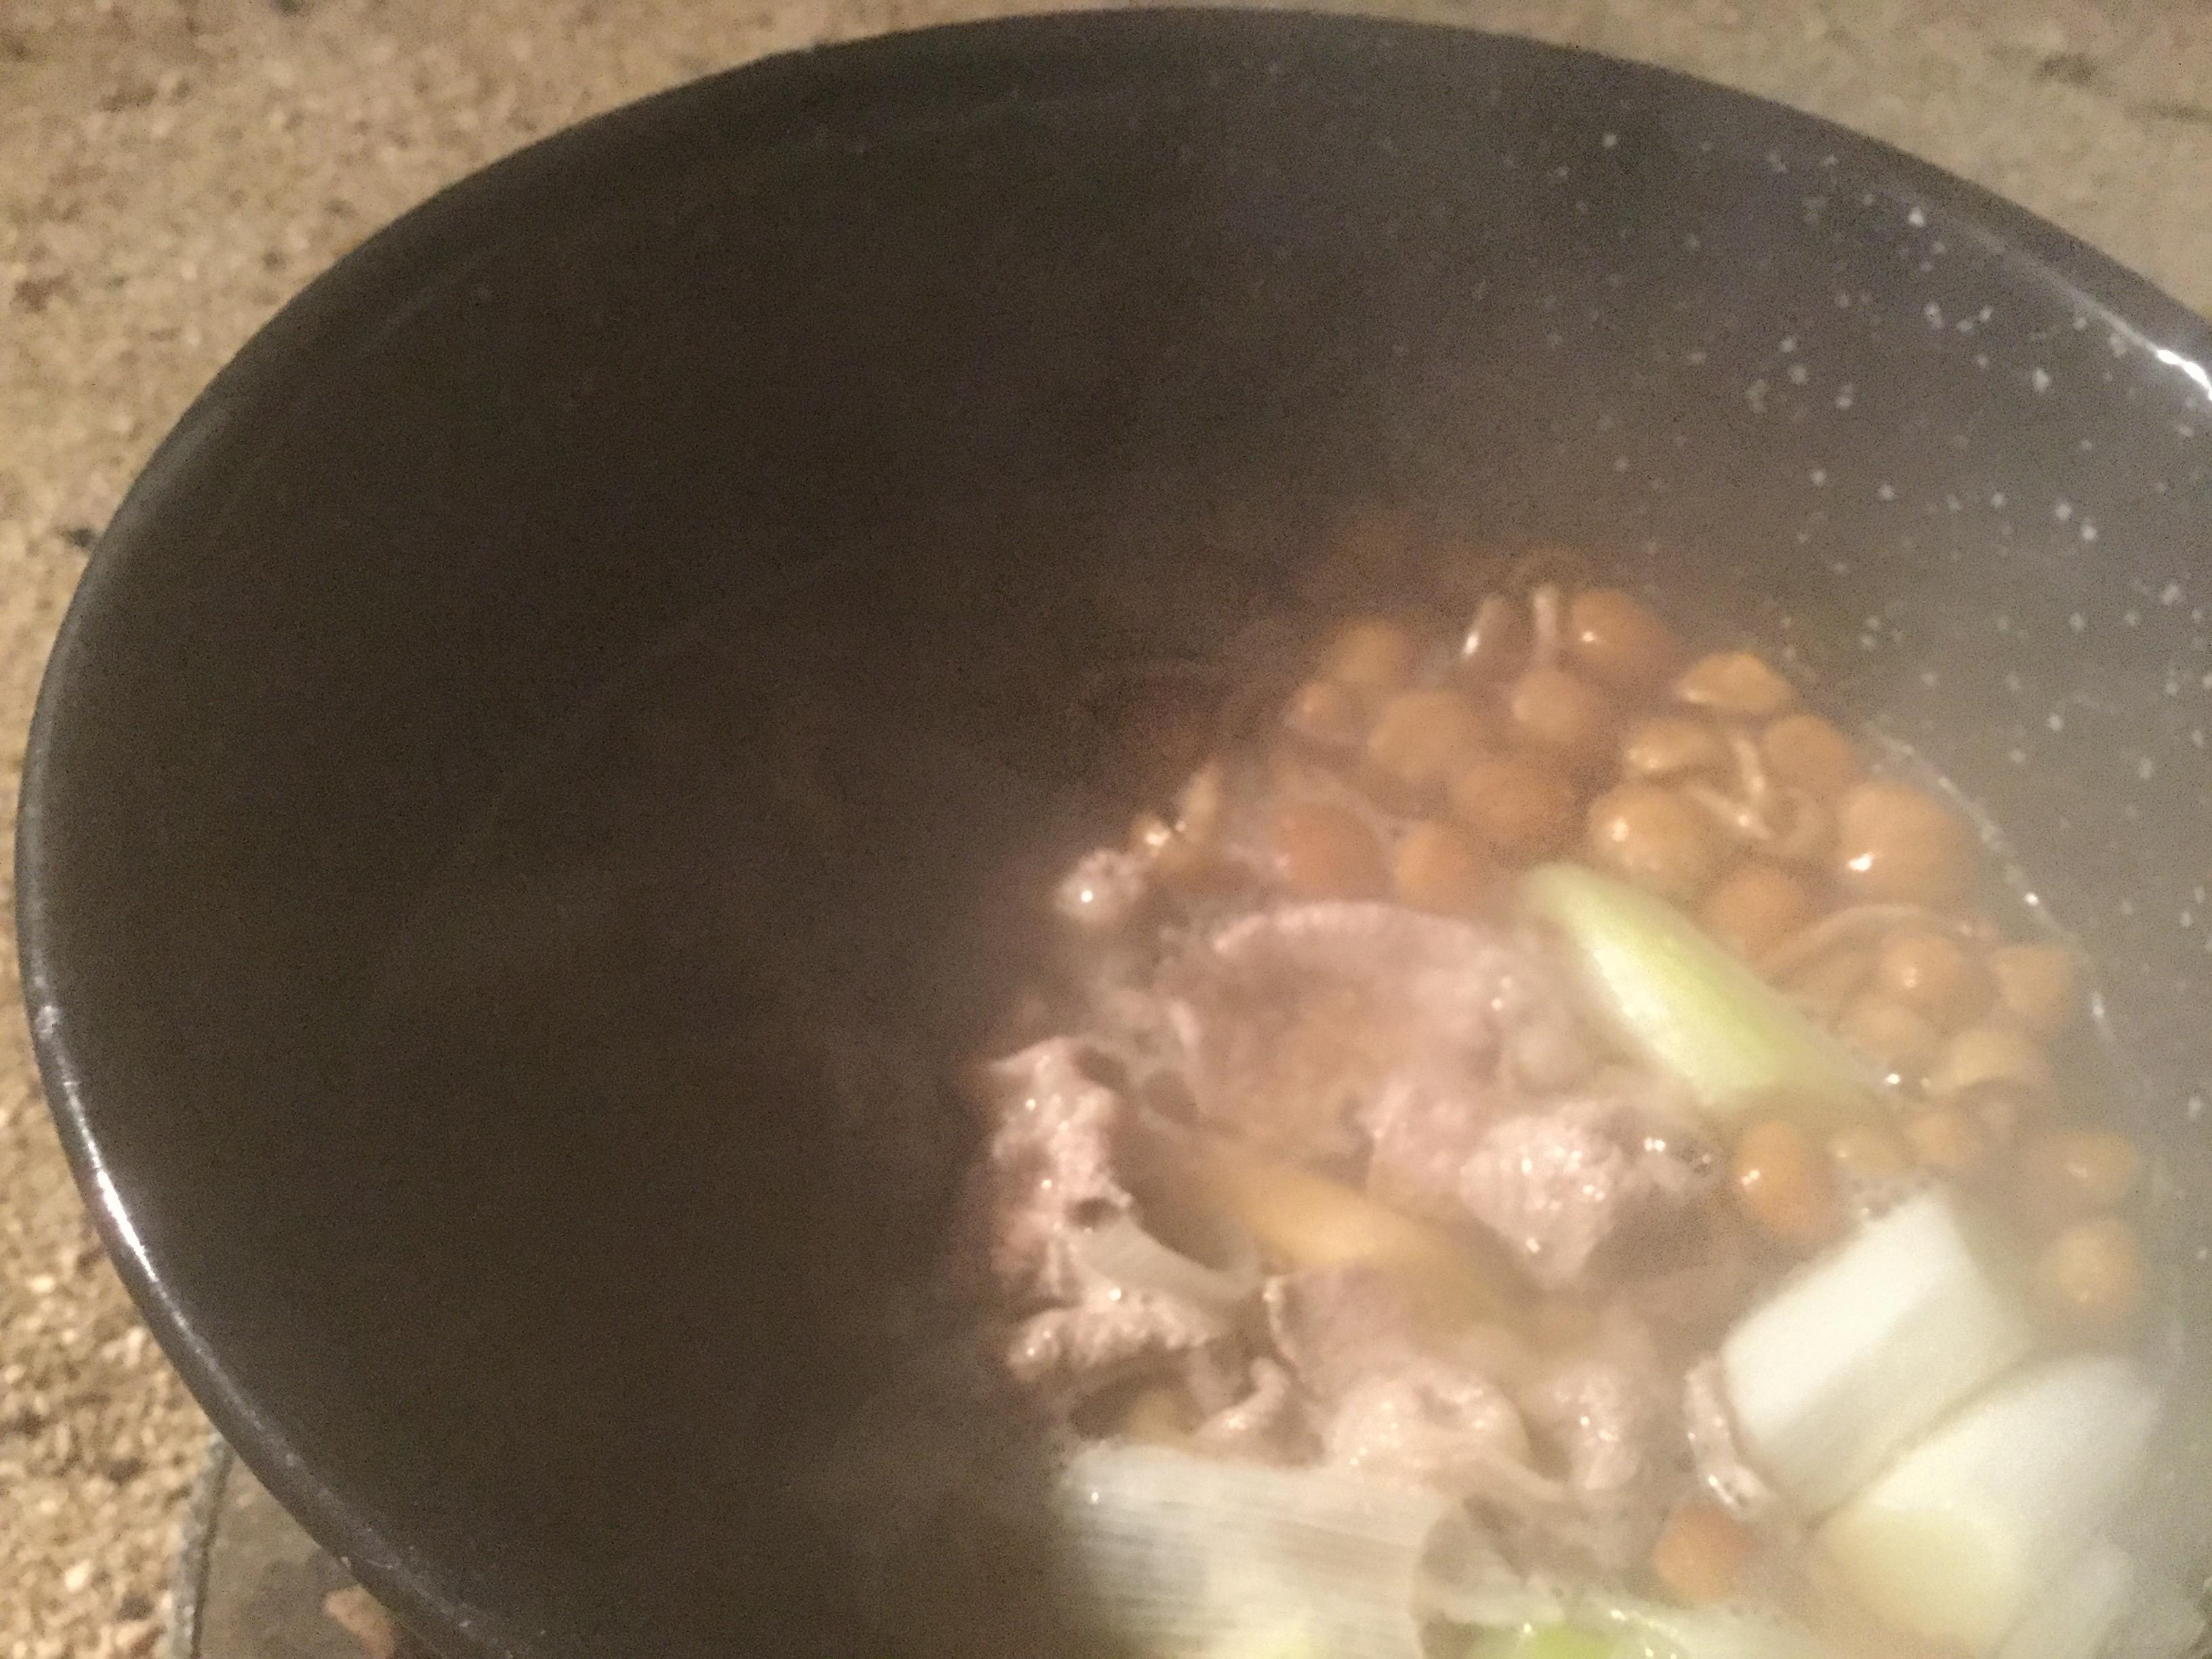 季節を楽しむアウトドア料理!芋煮会で楽しもう。